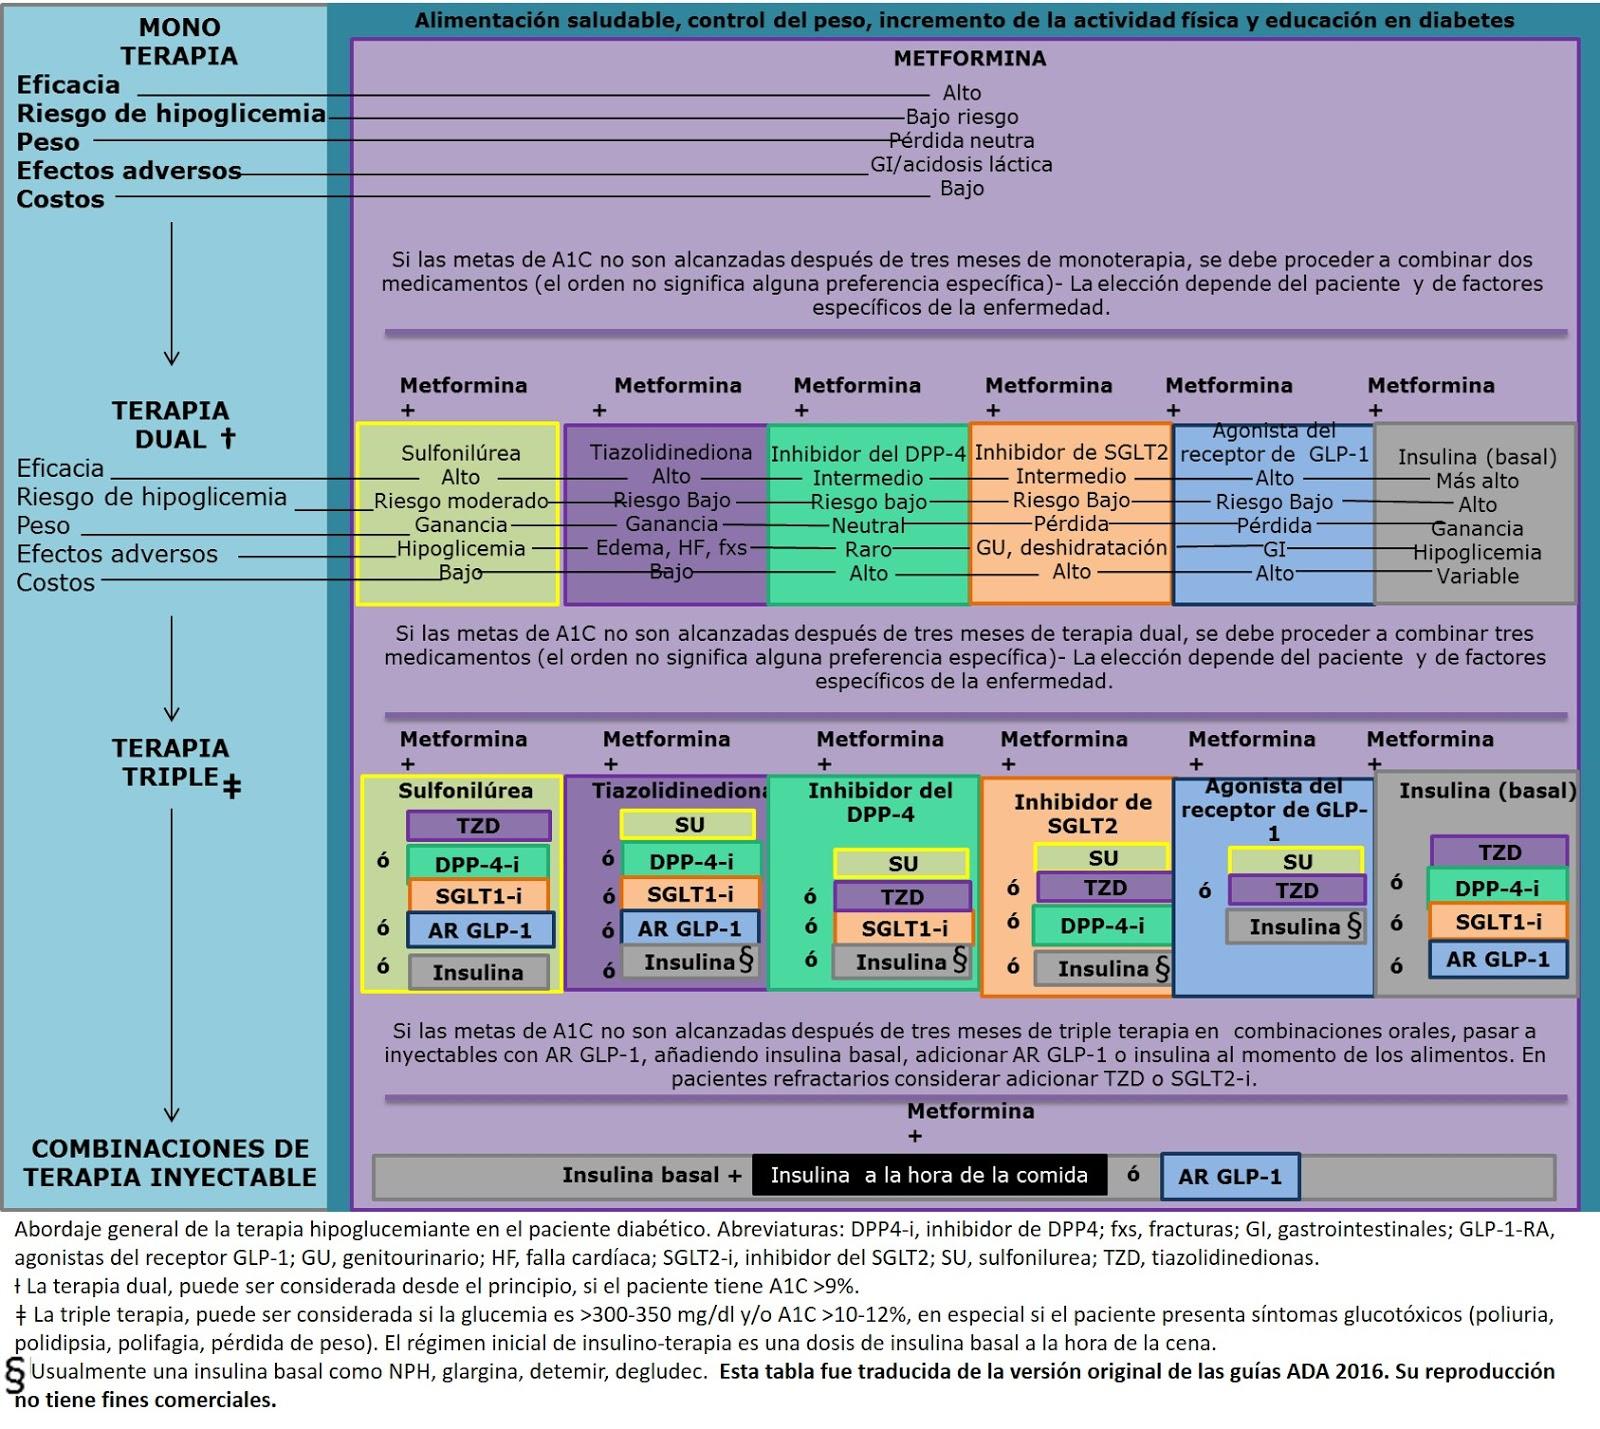 diagrama de fisiopatología de la hipercolesterolemia de la diabetes